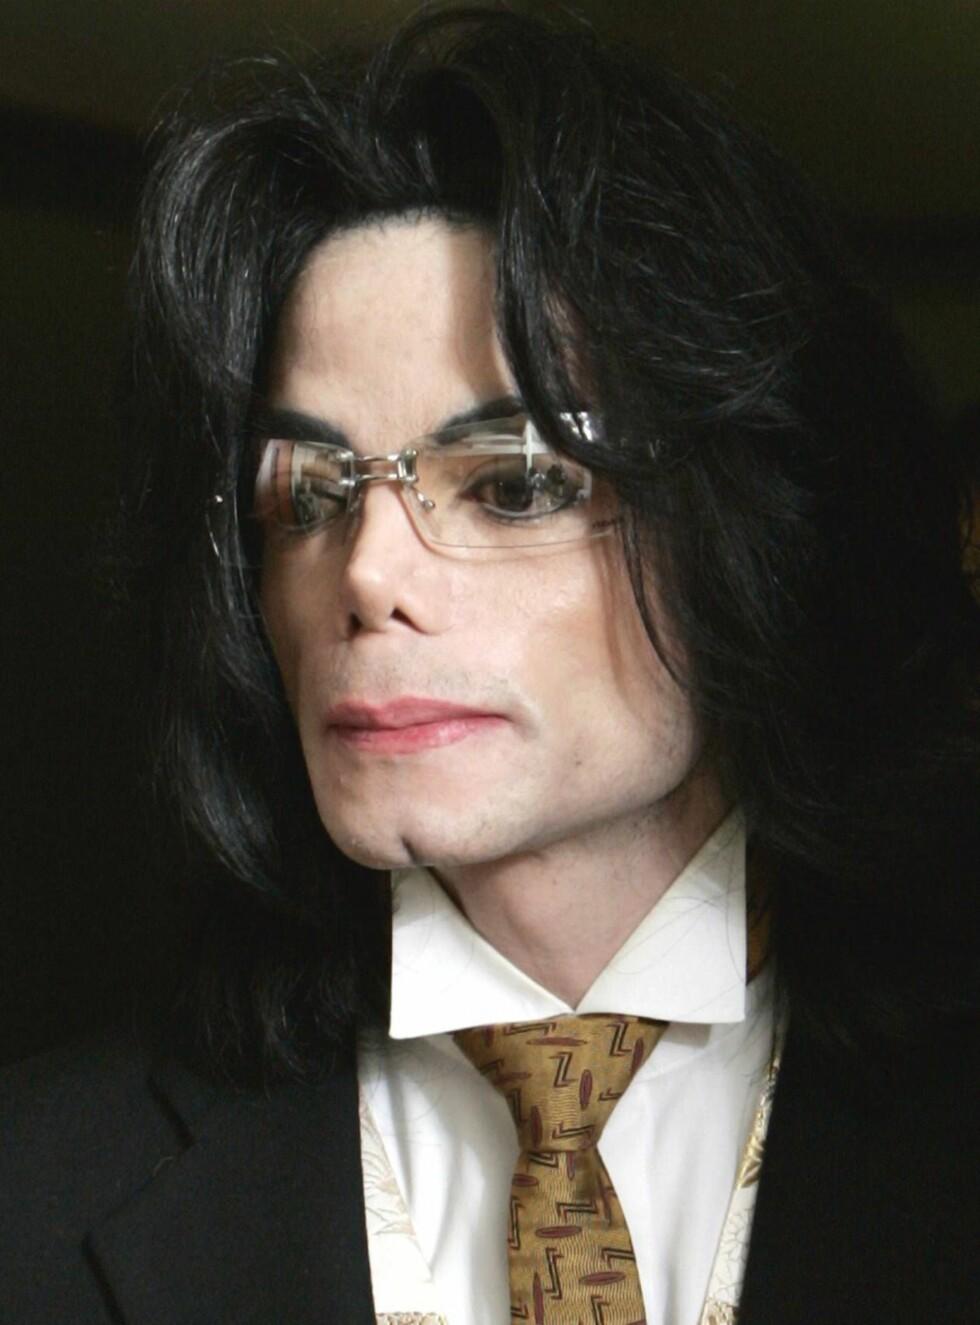 FRYKTER EI: Jackson tar galskapen med knusende ro. Foto: AP/Scanpix